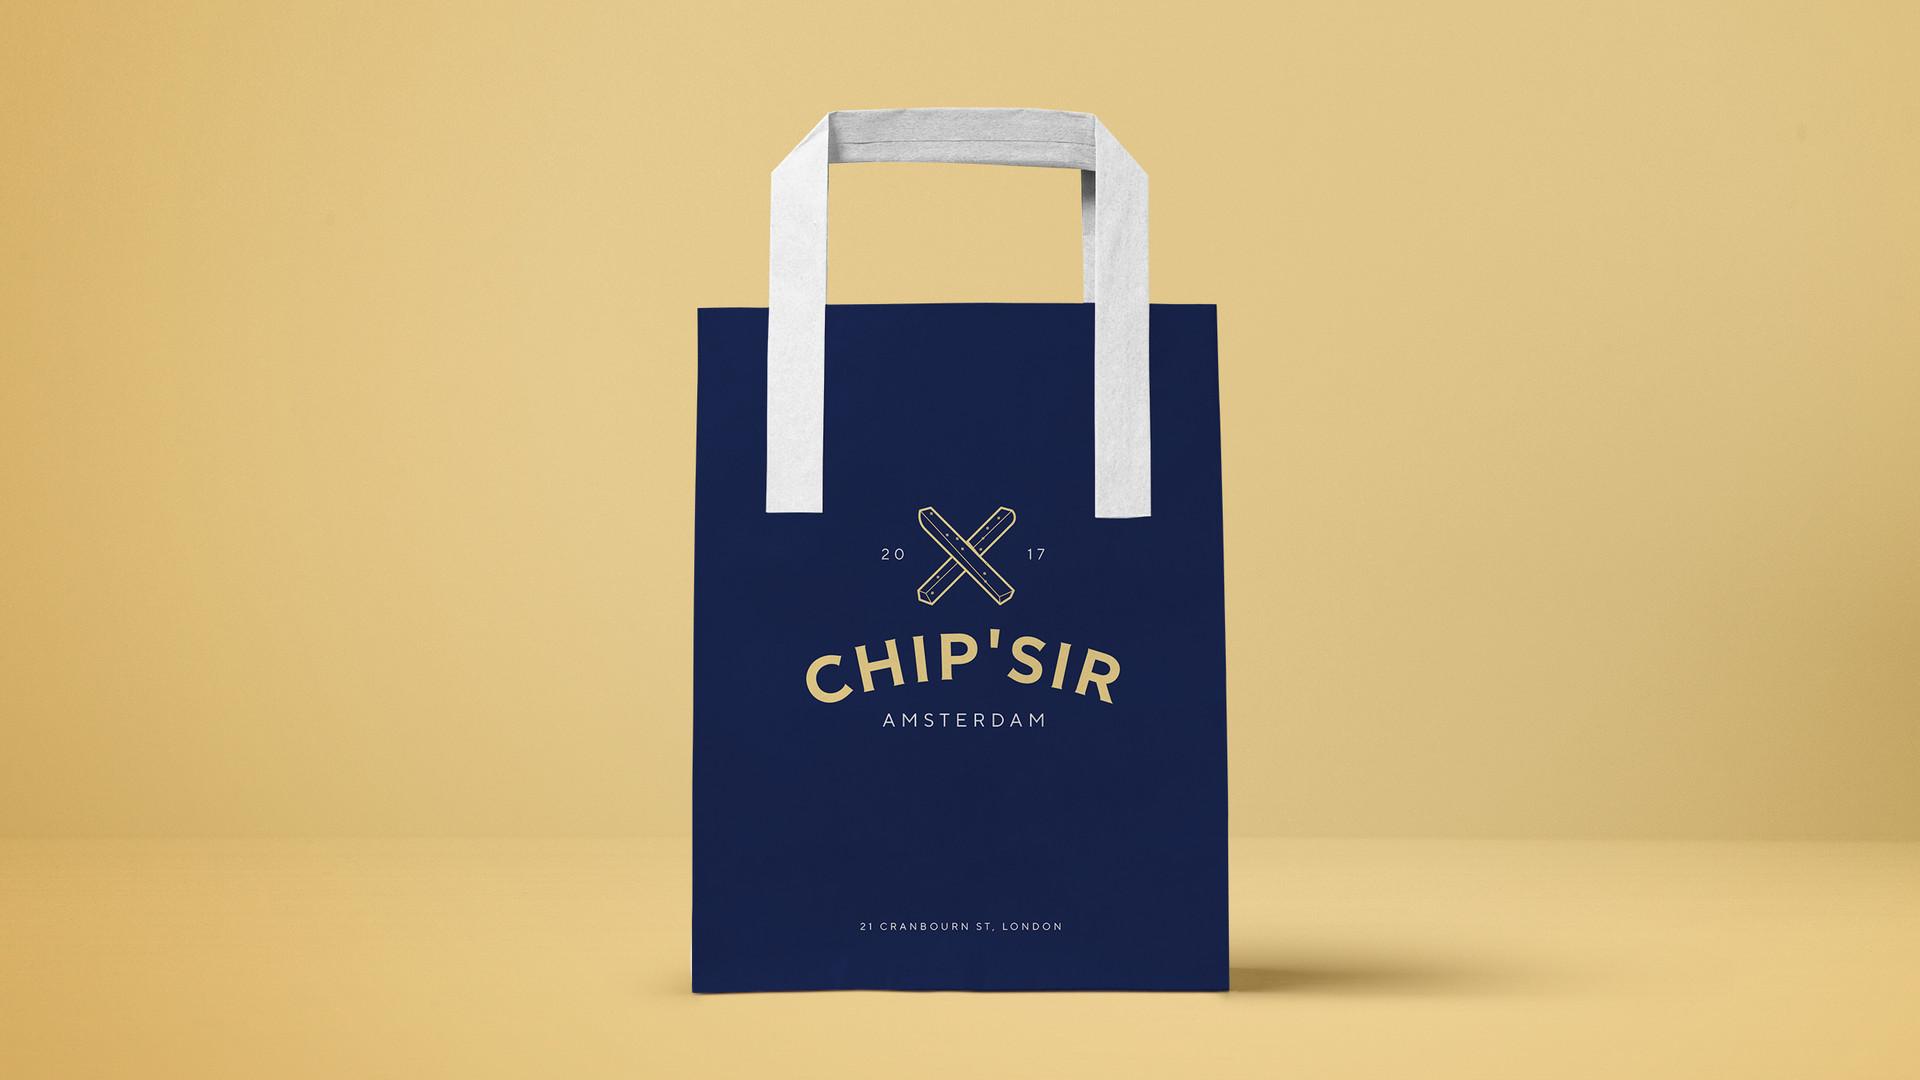 Chip'sir_TakeAwayBag_1.jpg